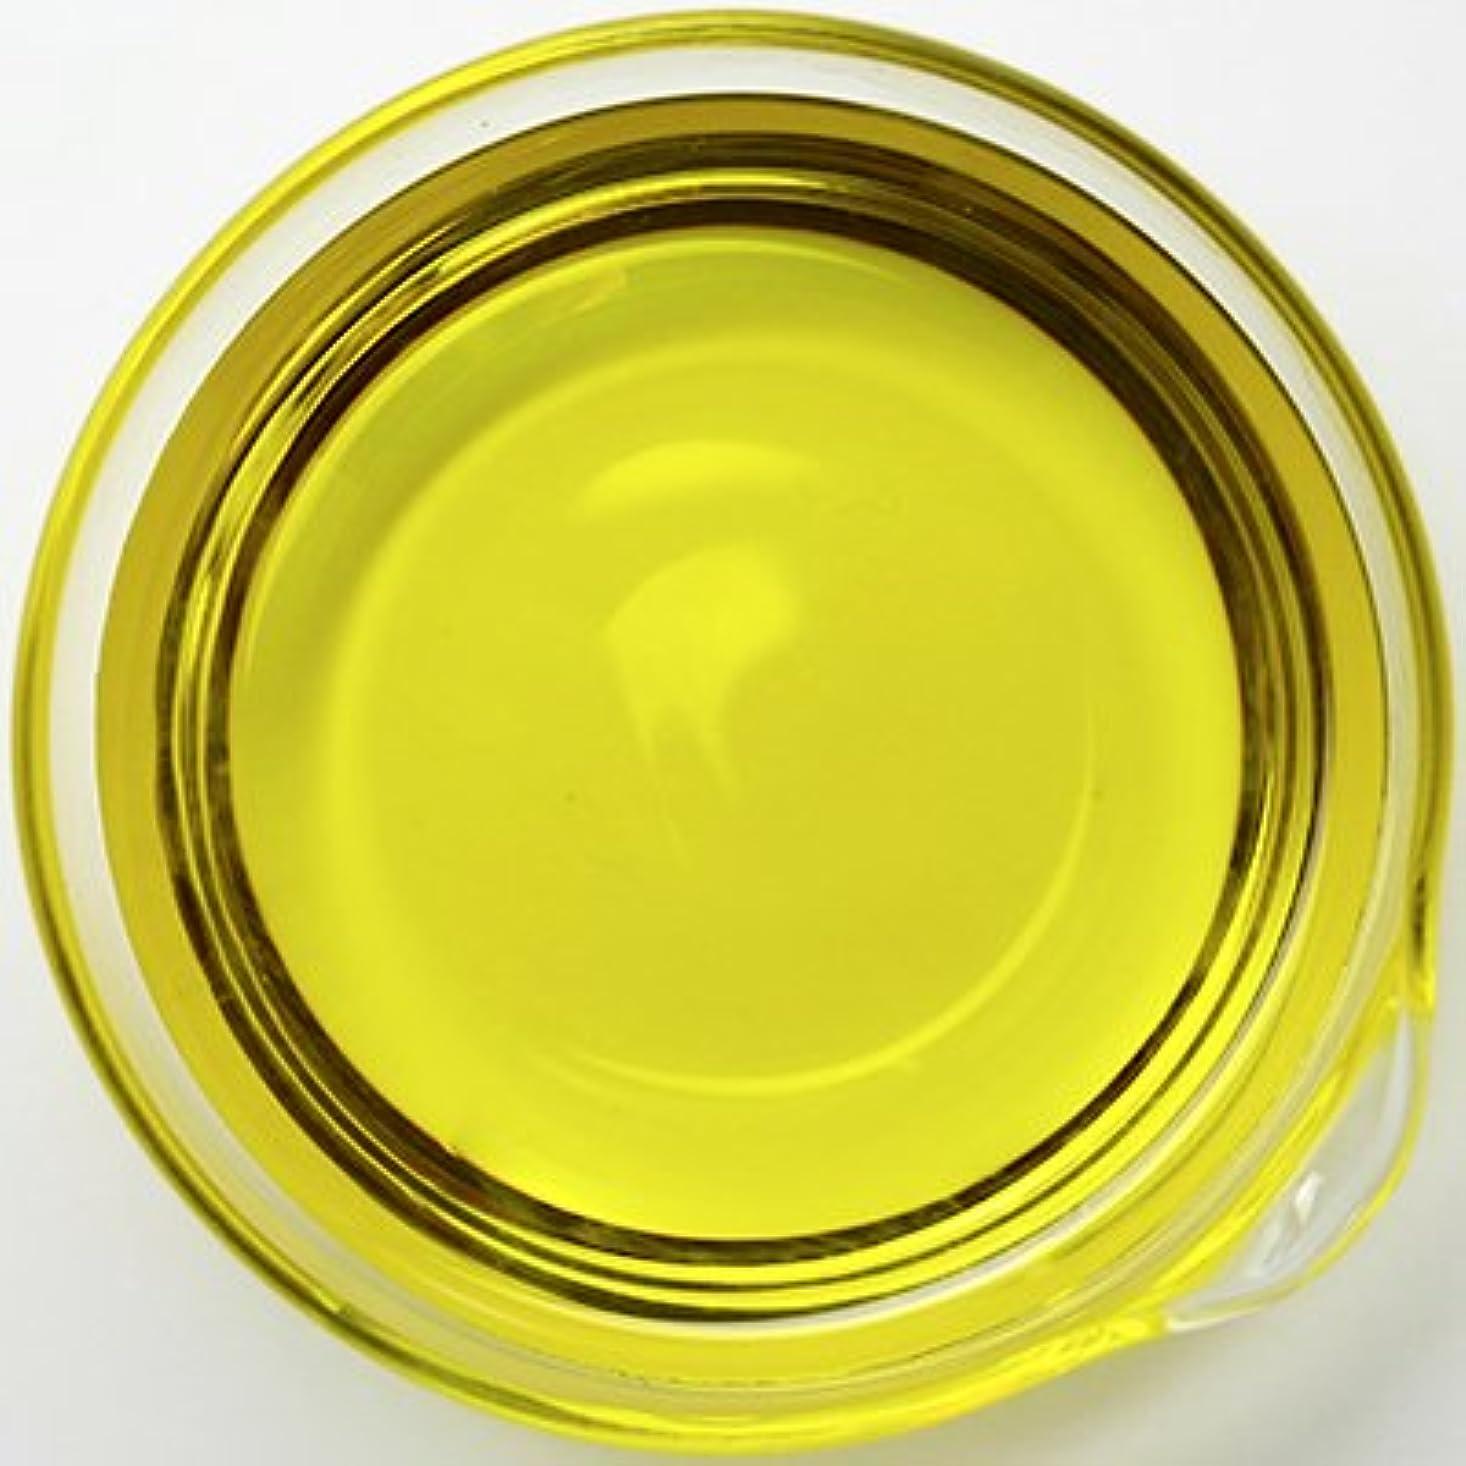 禁止する上級農業オーガニック アルニカオイル [アルニカ抽出油] 500ml 【アルニカ油/手作り石鹸/手作りコスメ/美容オイル/キャリアオイル/マッサージオイル】